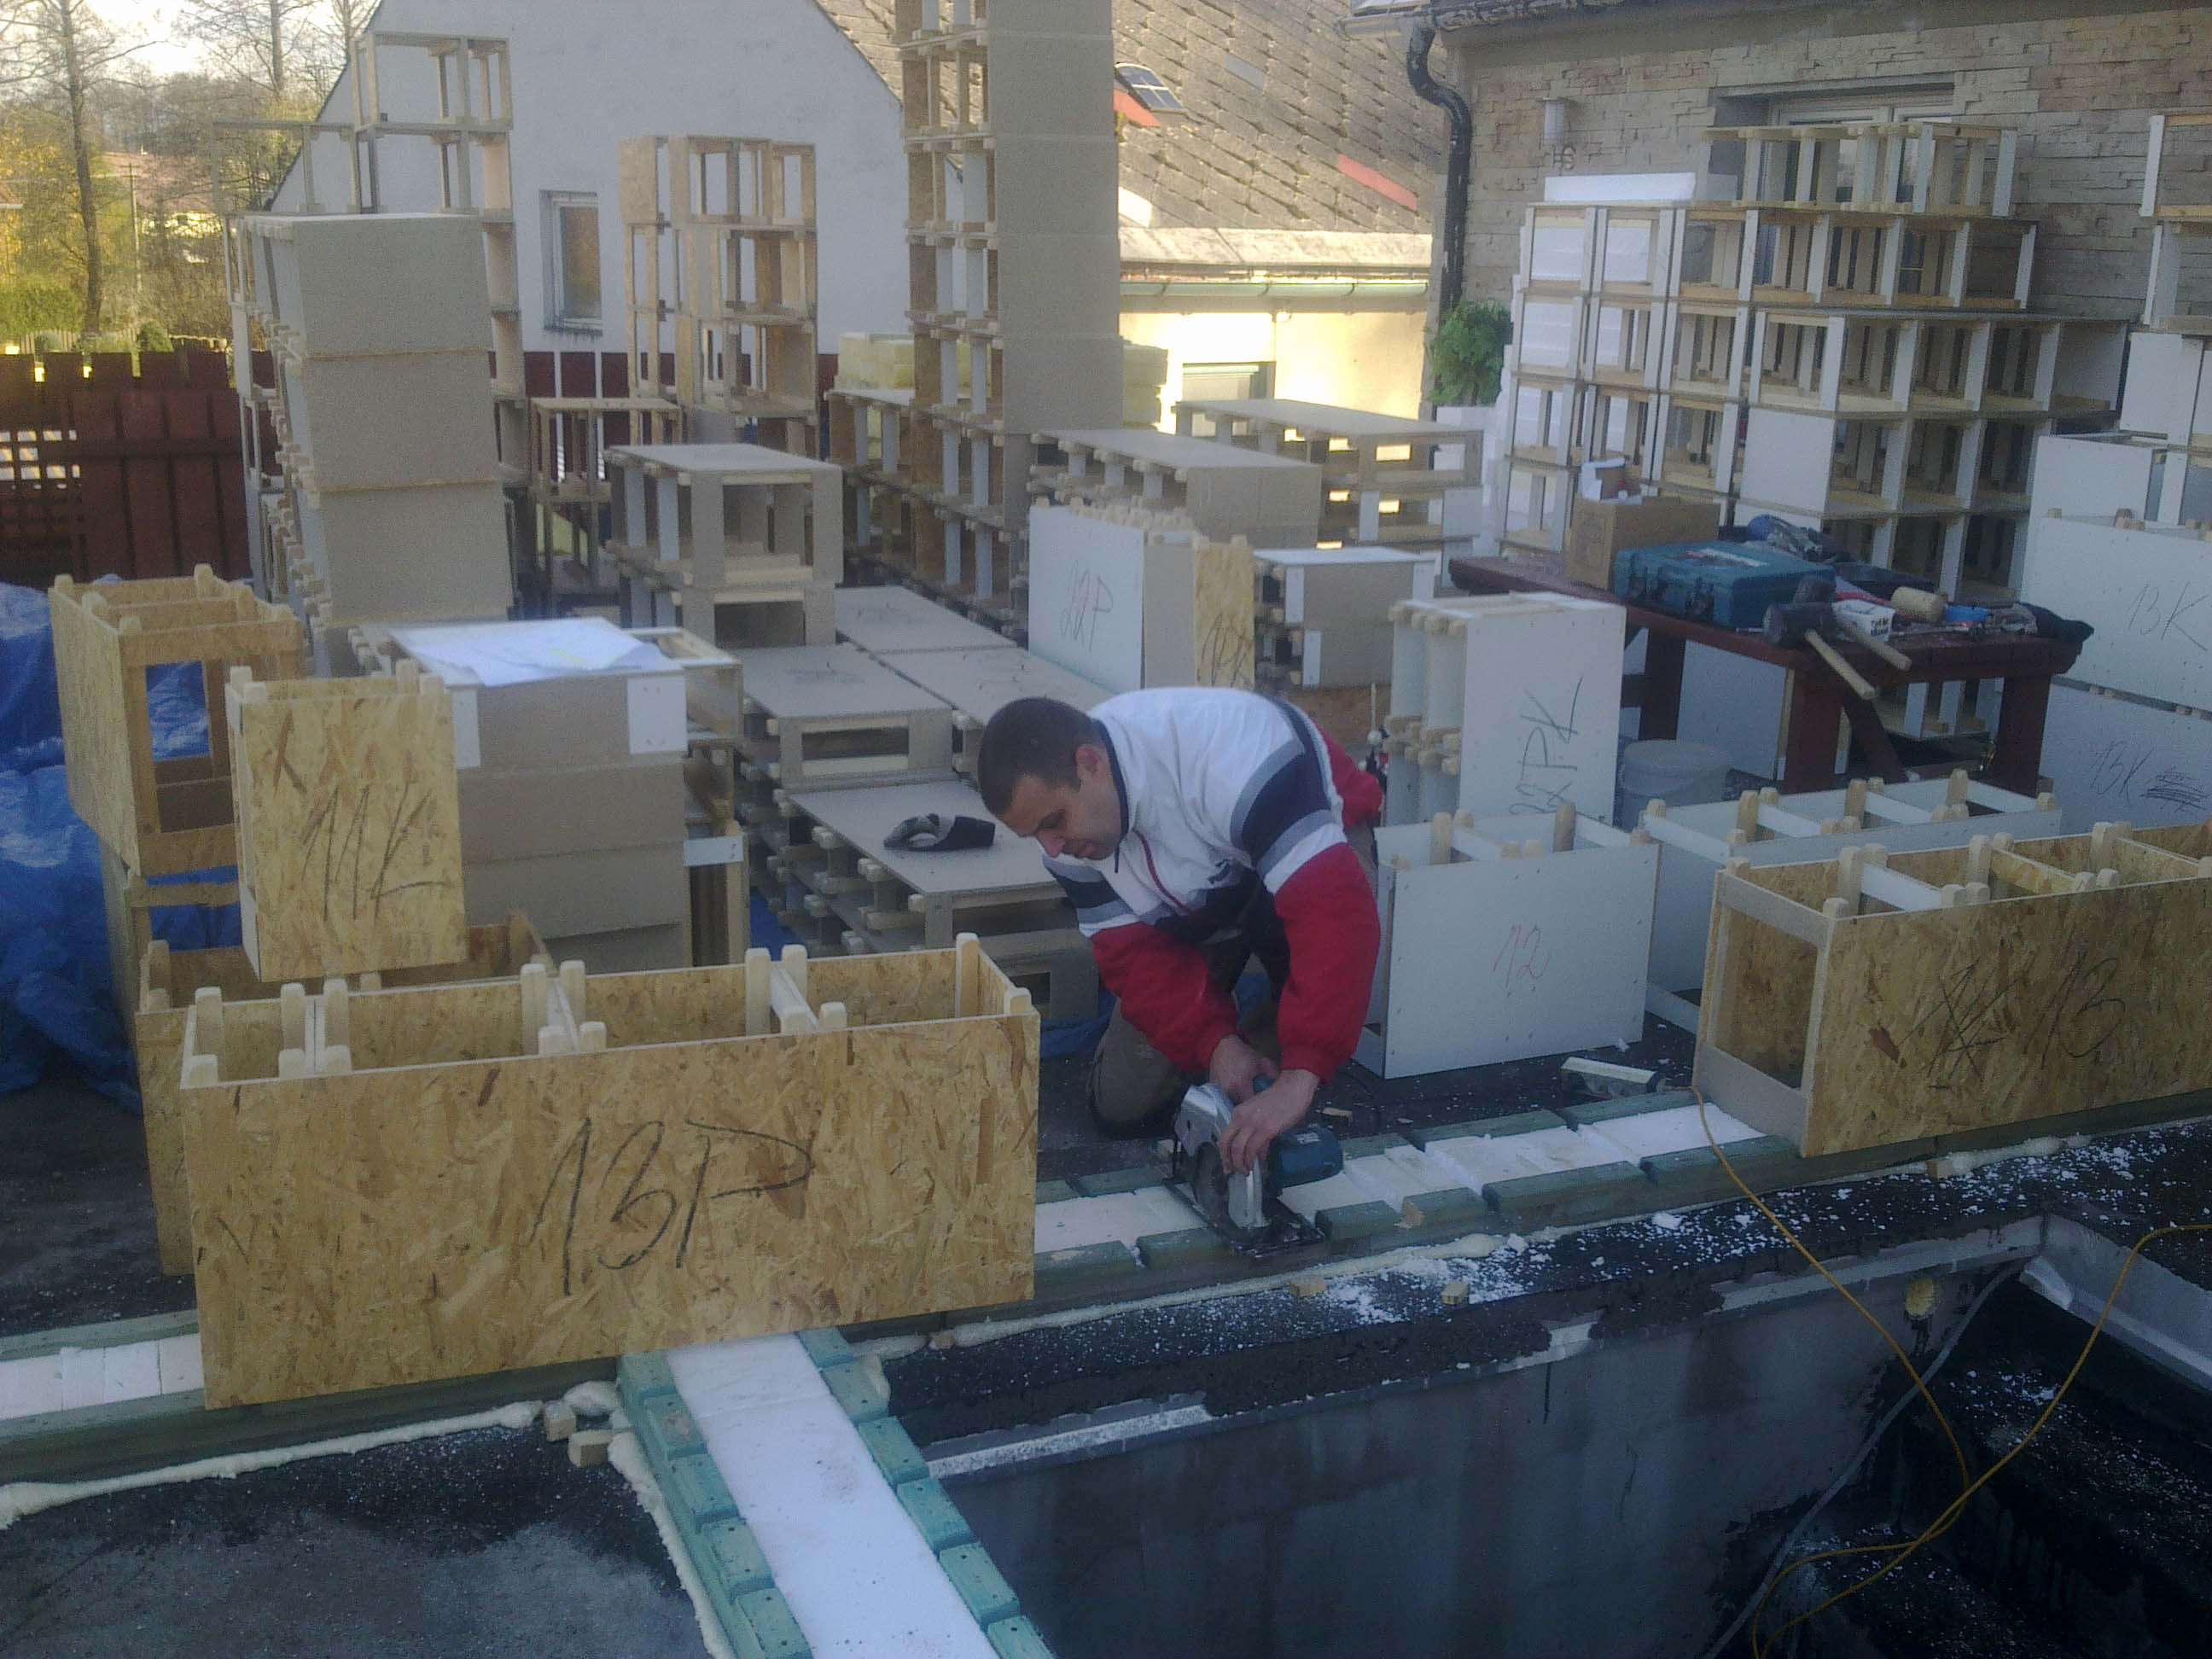 Rozmístění a montáž základových prahů systémem Modul-LEG® do základové desky. Základové prahy dozatepleny pruhem EPS polystyrenu. Obvodové moduly 300 mm.